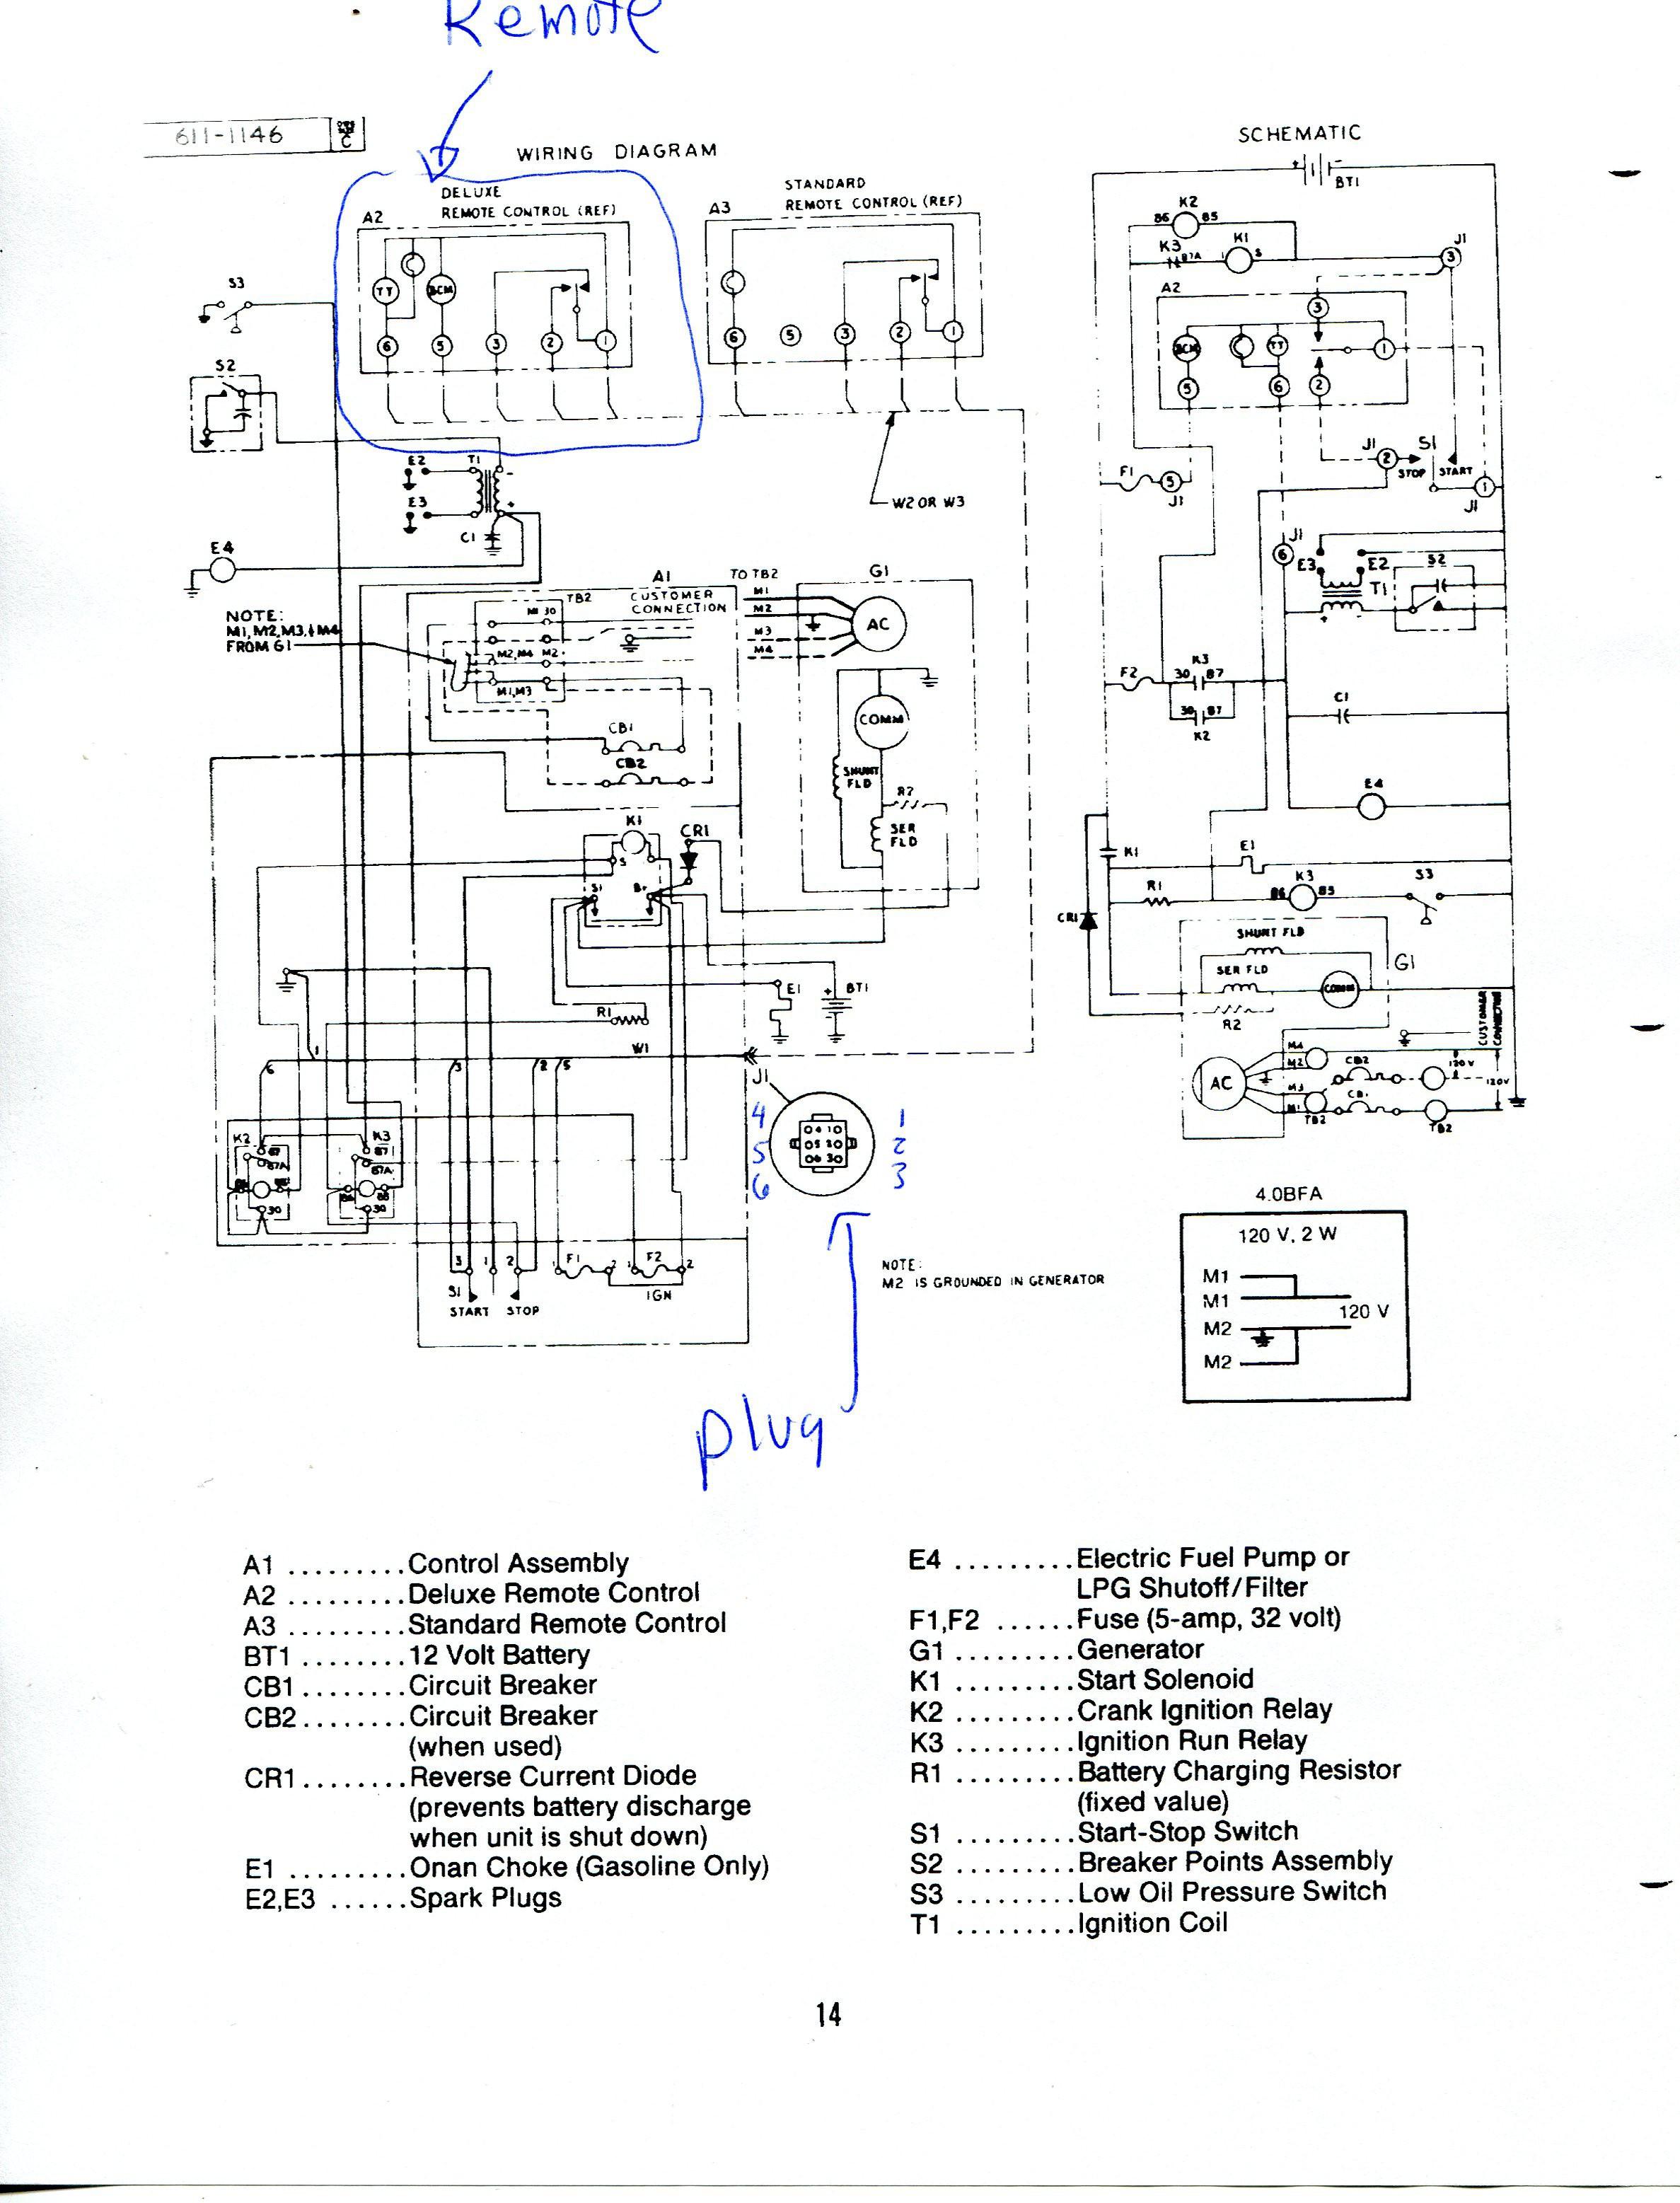 Download Wiring Diagram Onan Generator Wiring Schematic ...